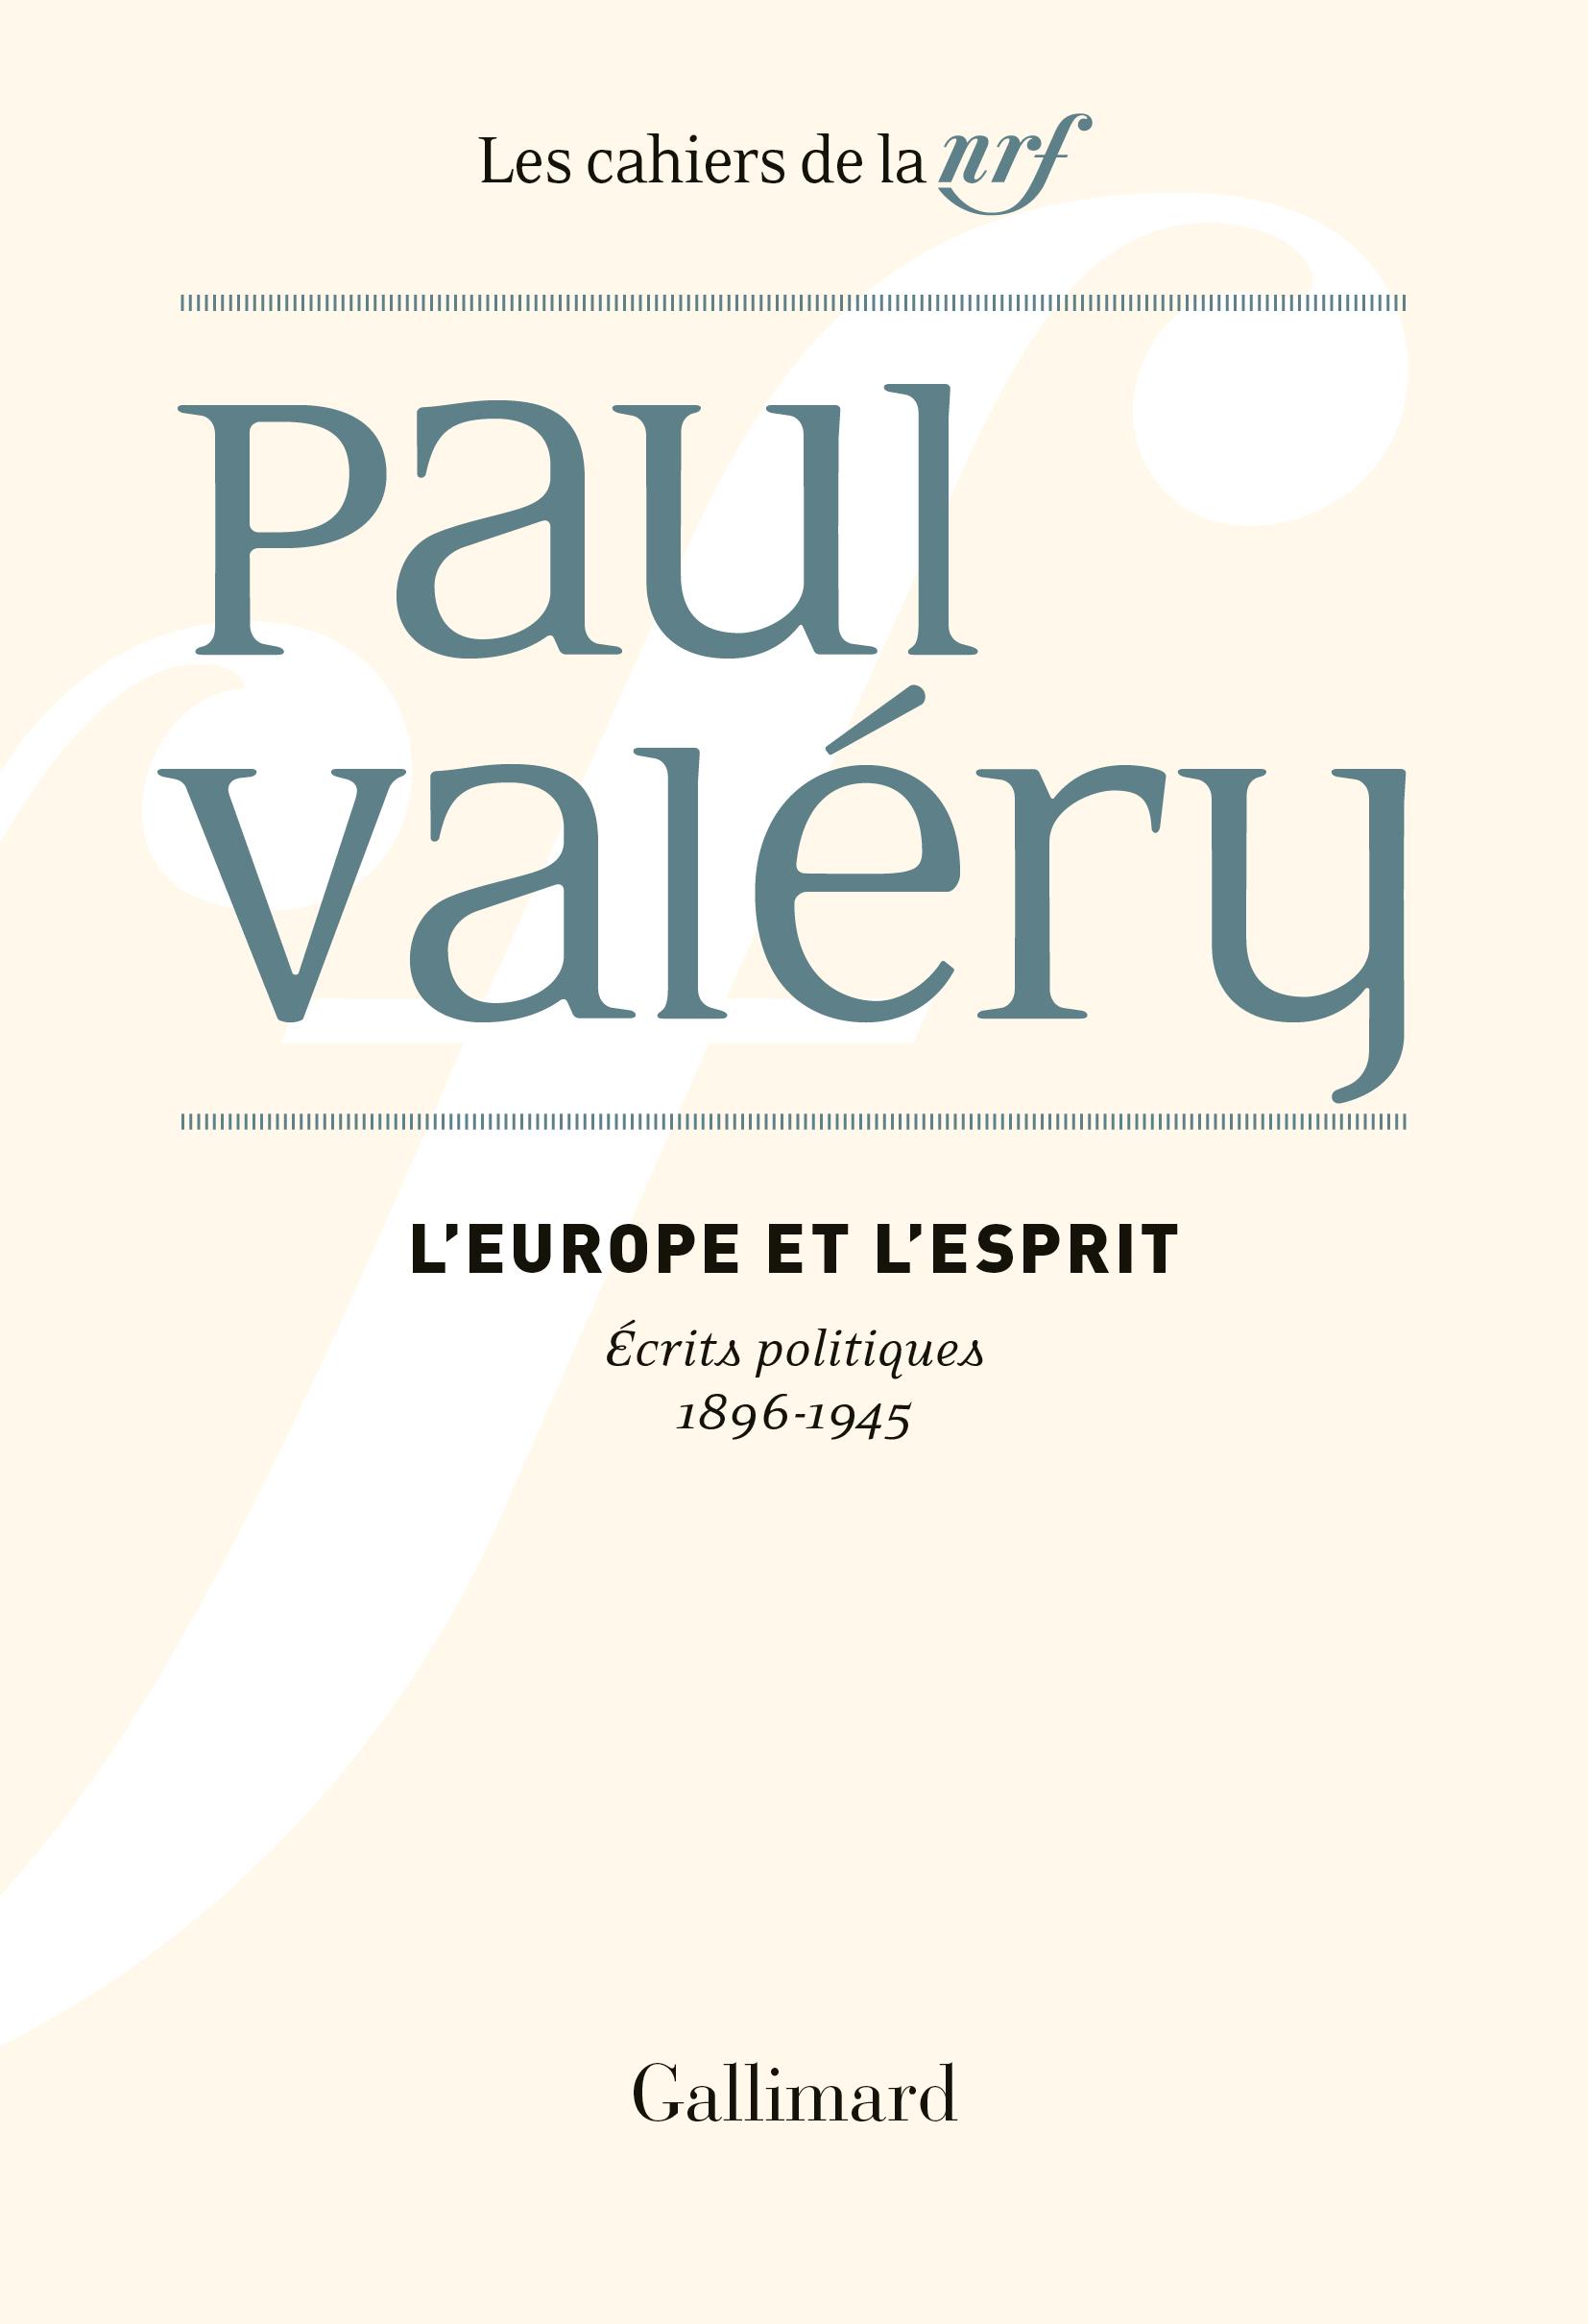 P. Valéry, L'Europe et l'Esprit. Écrits politiques (1896-1945)